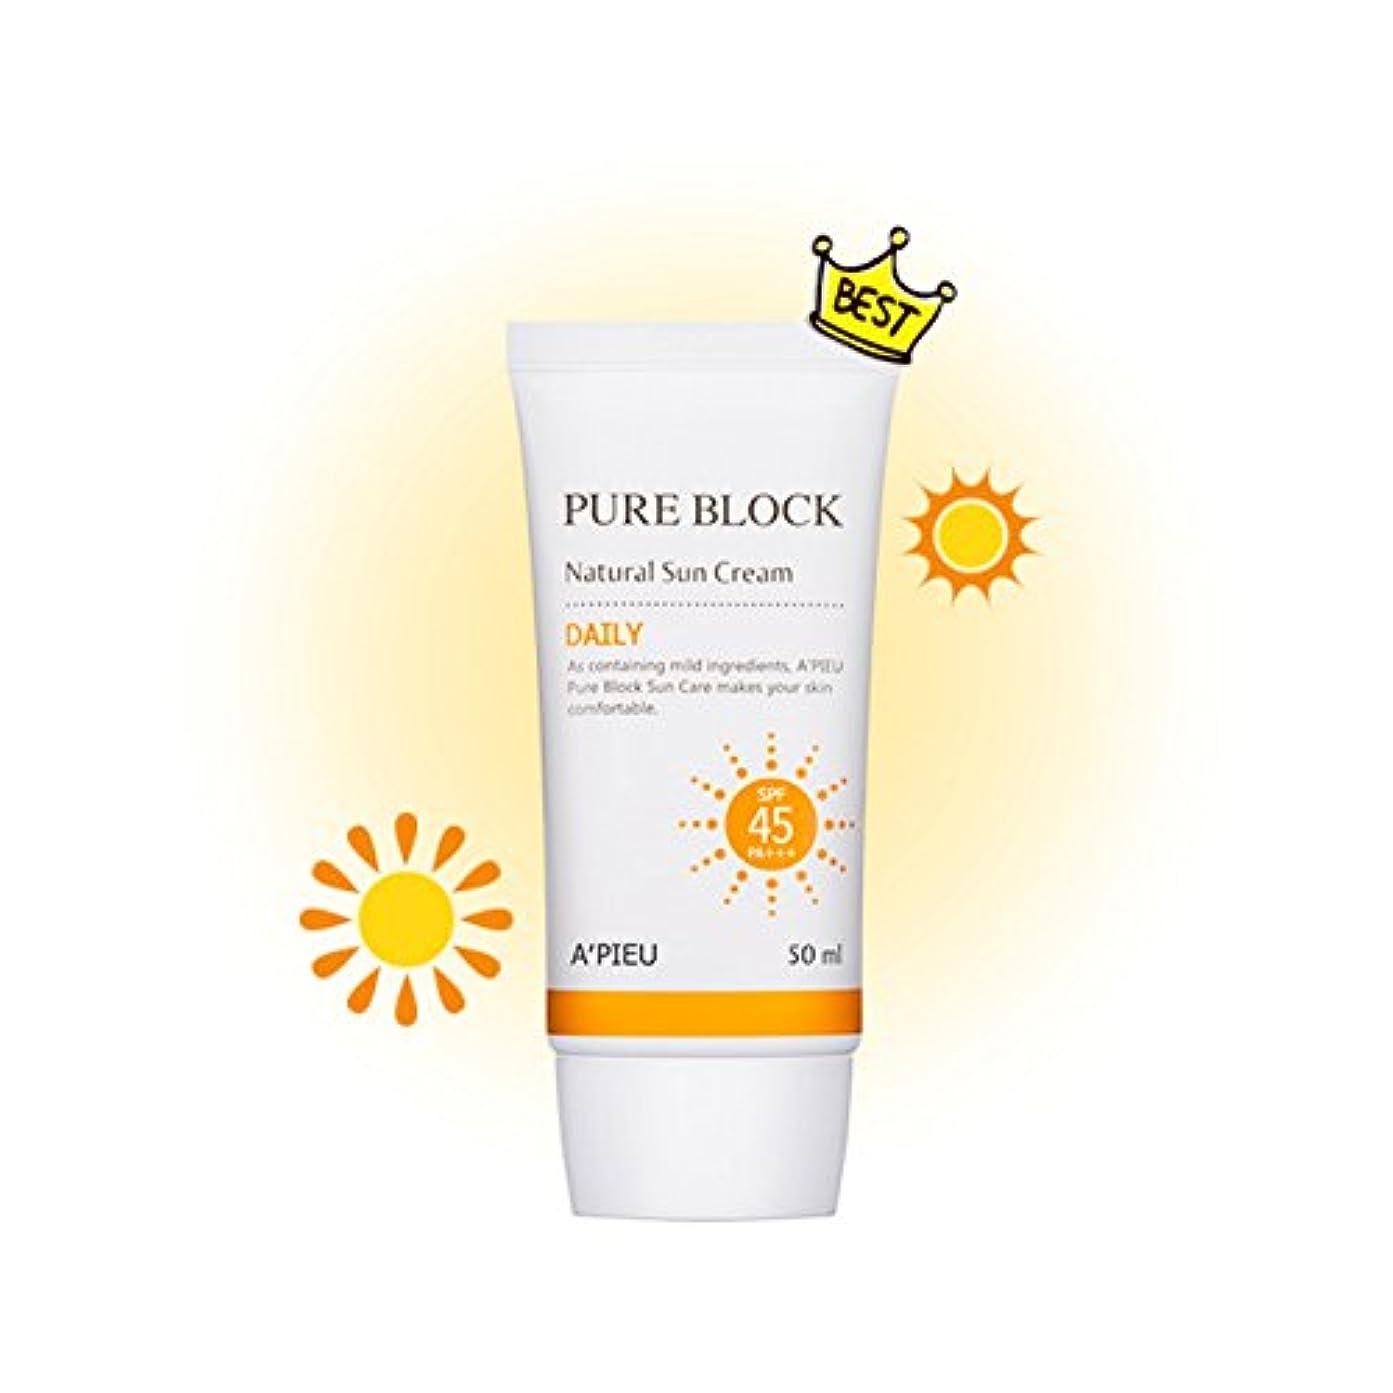 意欲女の子タイプ[オピュ] A'PIEU ピュアブロックナチュラルデイリー日焼け止め Pure Block Natural Daily Sun Cream SPF 45 PA+++ [並行輸入品]